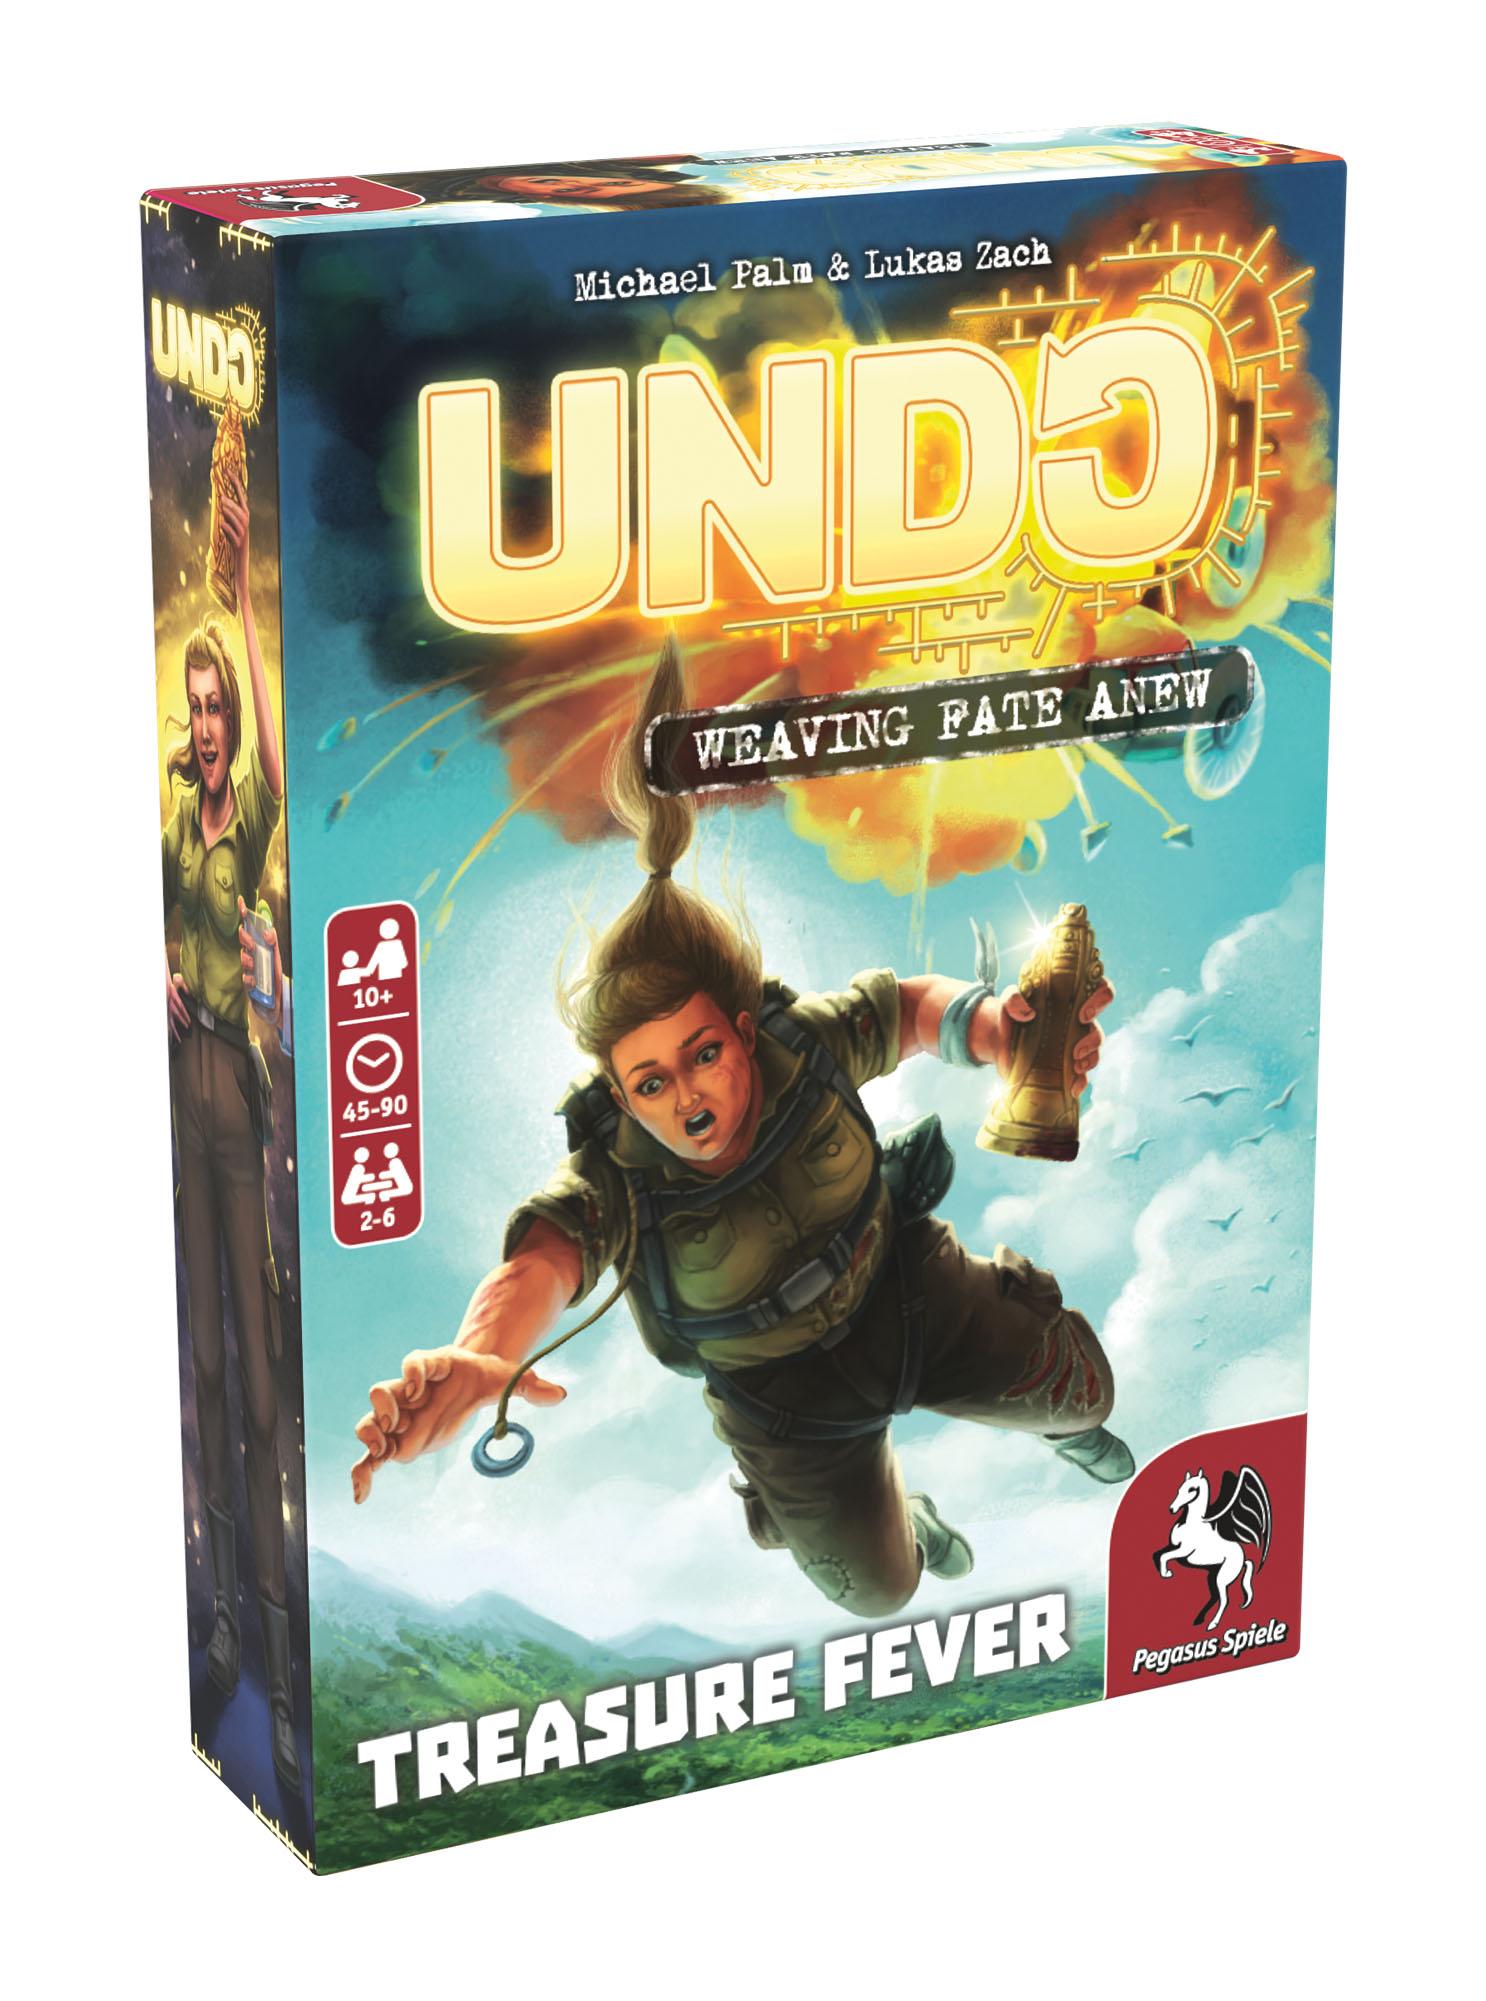 Undo: Treasure Fever -  Pegasus Spiele